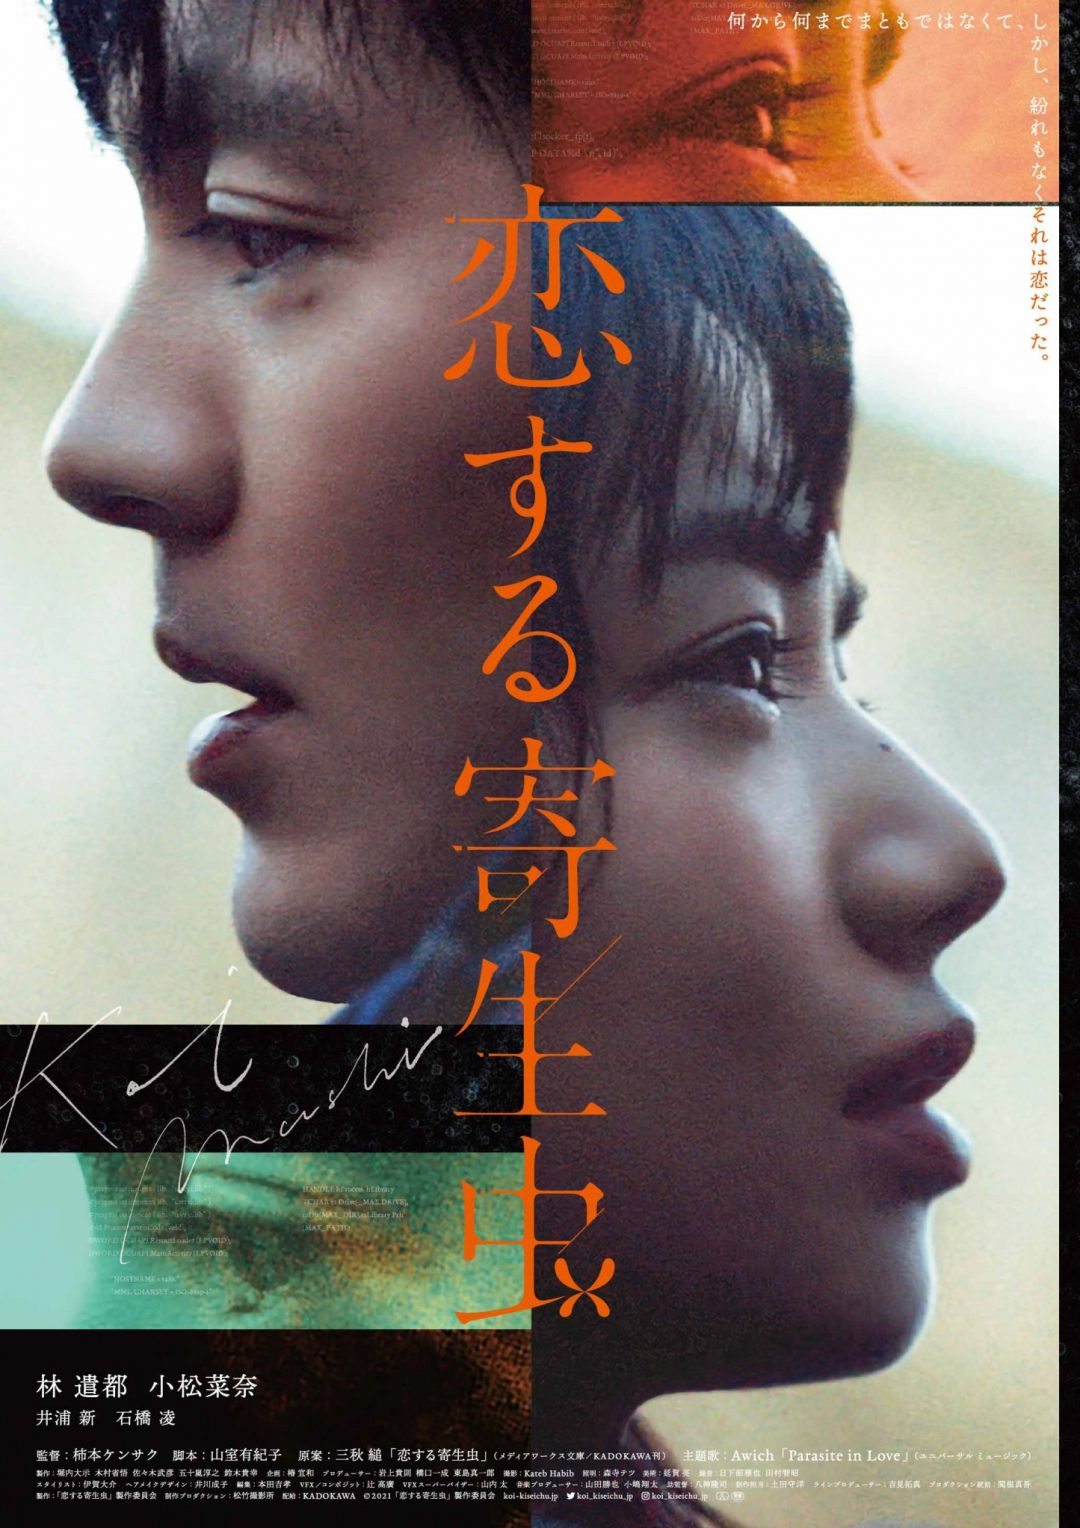 林遣都×小松菜奈のW主演 映画『恋する寄生虫』2人の美しさが際立つ予告映像2種&ポスタービジュアルが公開